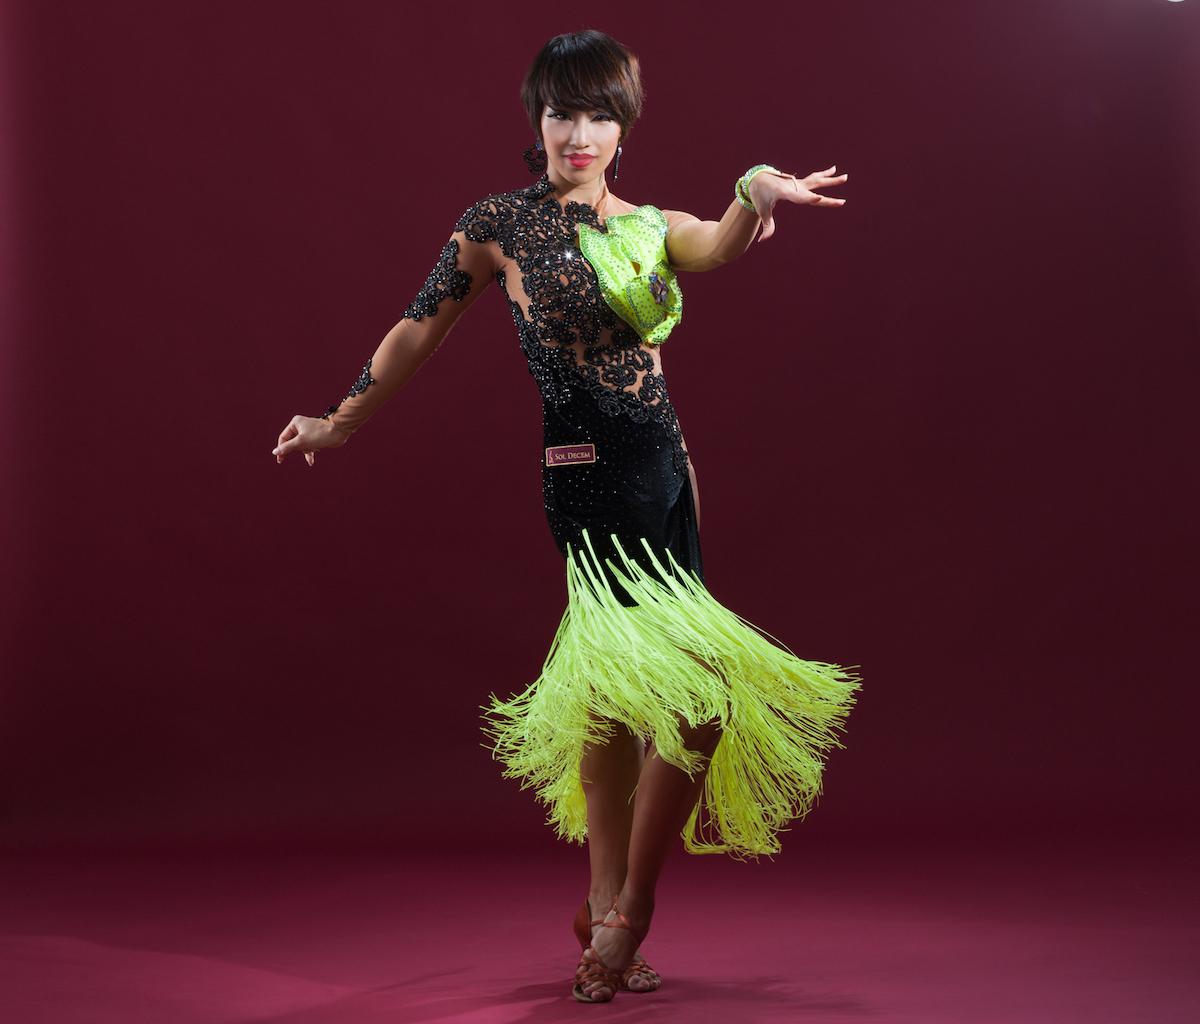 こんな感じのドレスを作って踊っていたはずが、なぜかスマニューで働き始めて現在4年目です